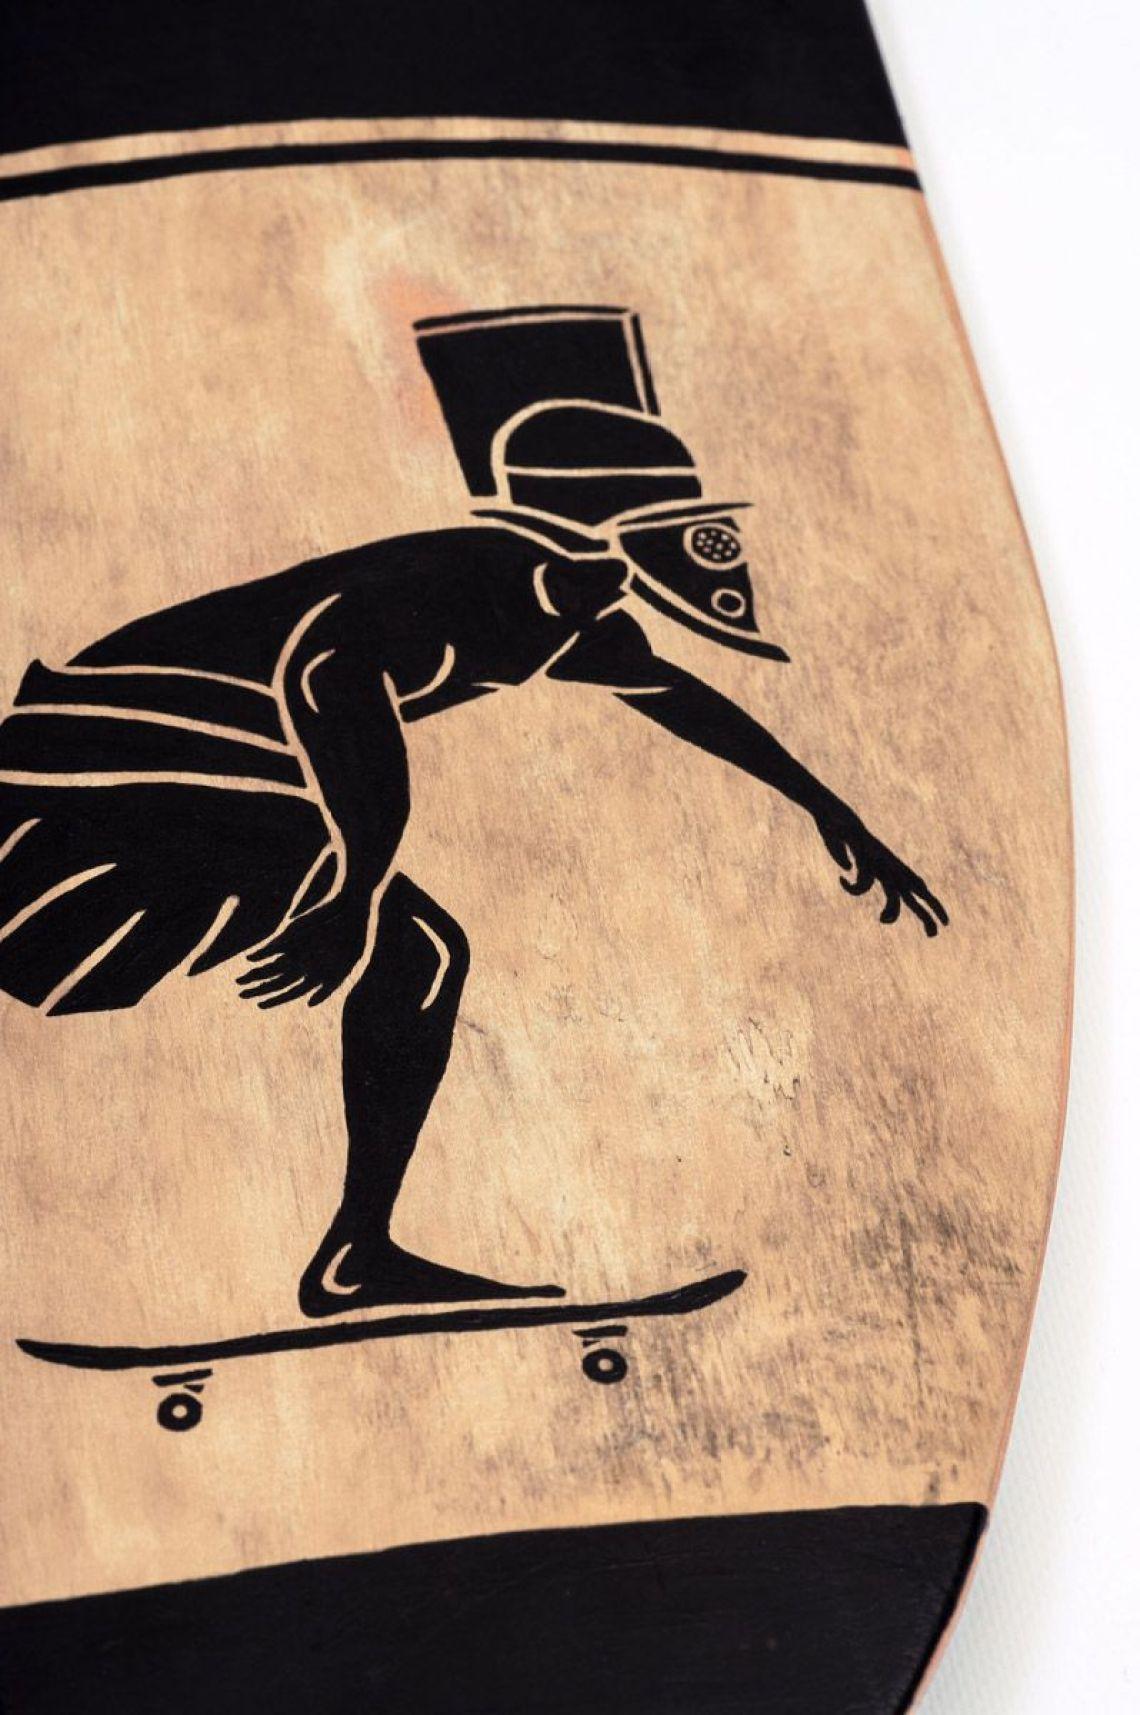 Skunus Gladiatorium Skate Sculpture By Rom Avjc 13